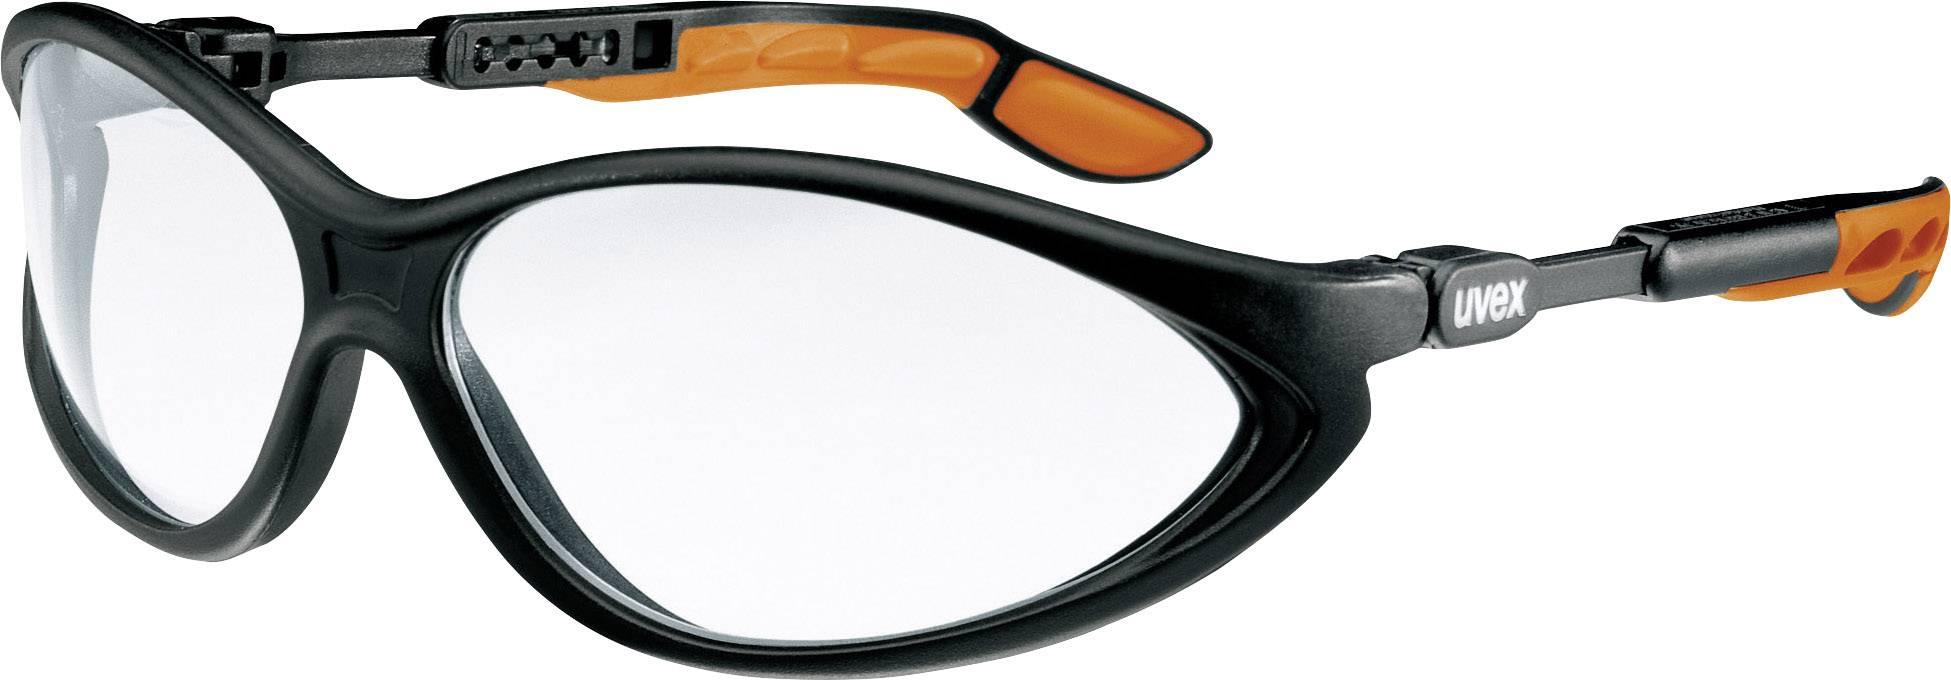 Ochranné okuliare Uvex Cybric 9188175